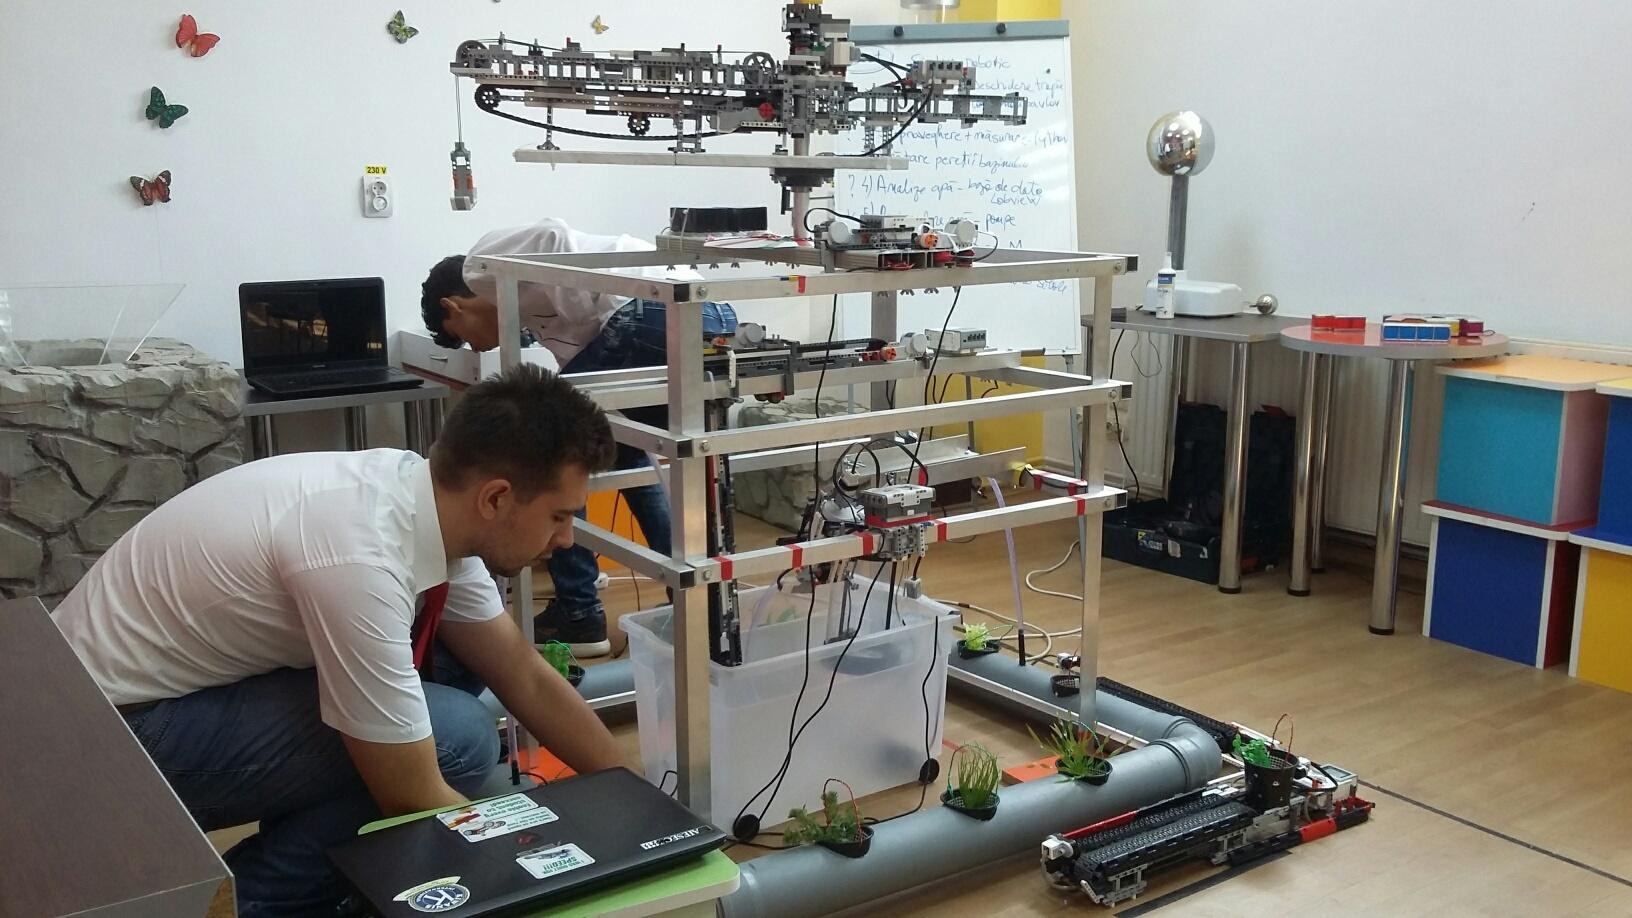 Un robot care îngrijeşte sturioni, invenţia cu care patru elevi din Galaţi merg la Olimpiada Internaţională de Robotică 2017 / Proiectul a atras şi atenţia industriaşilor